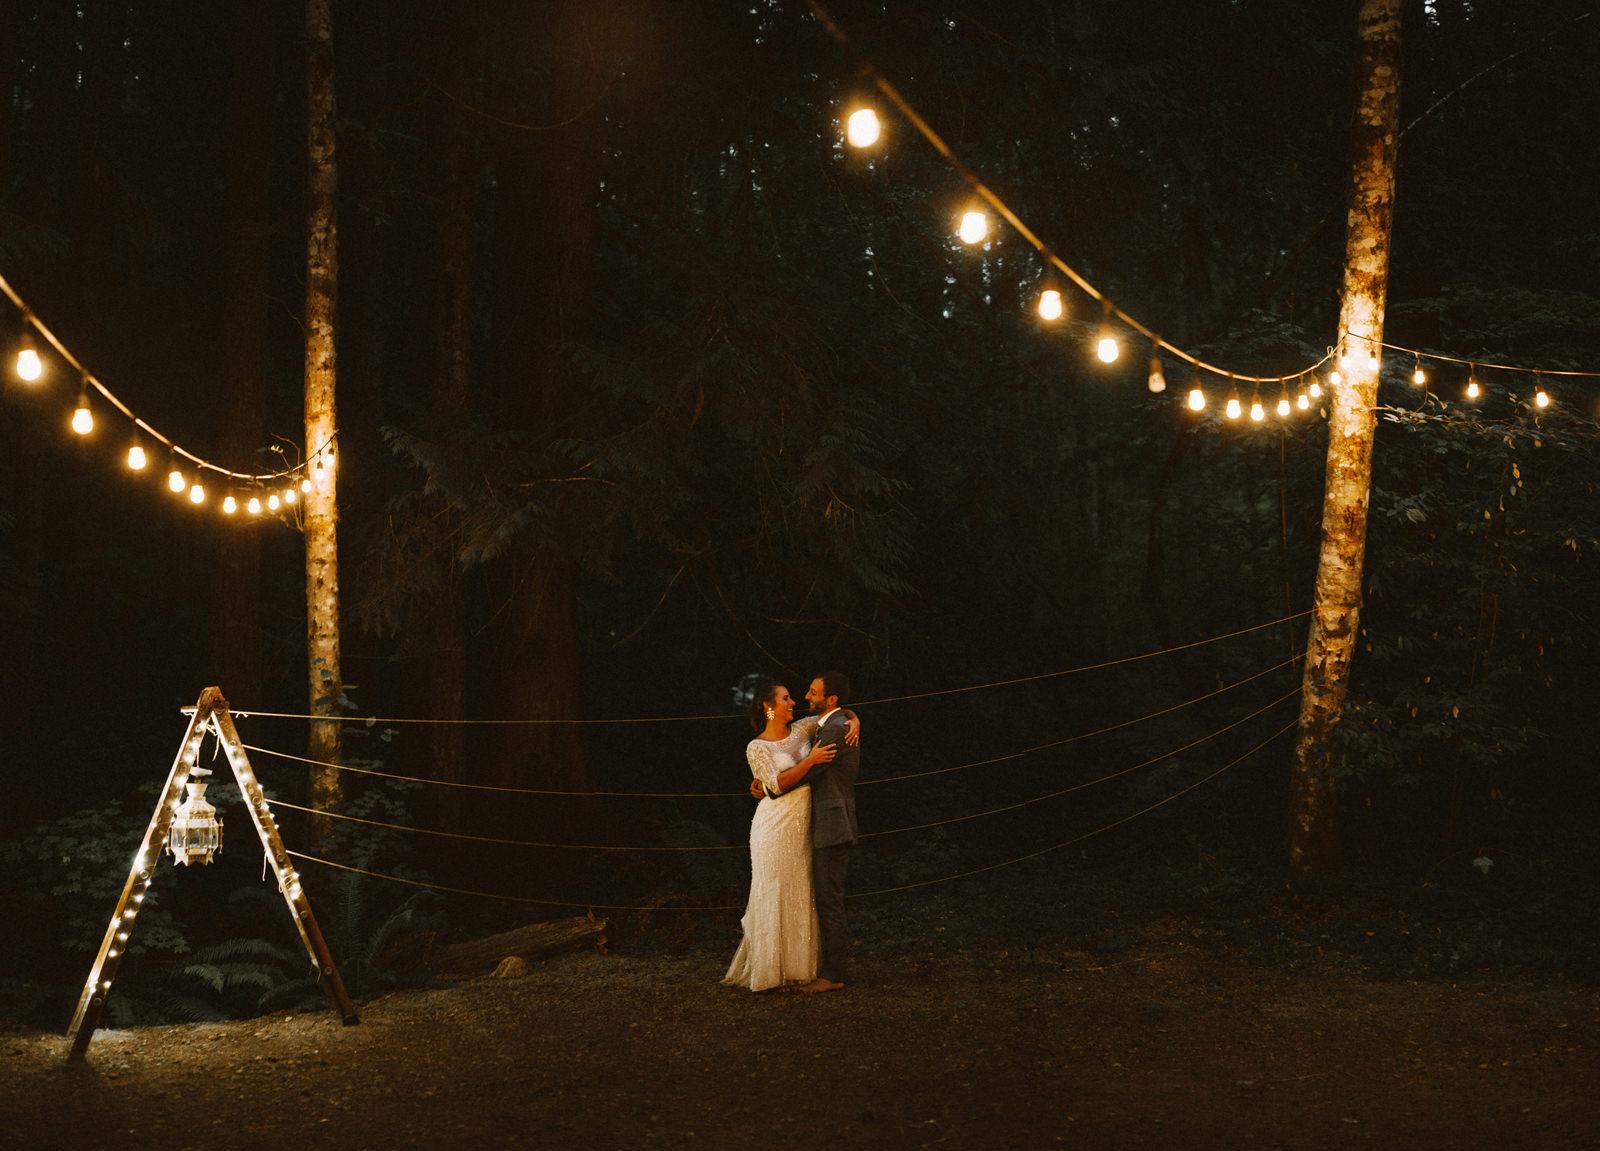 zanny-noah-147 LAKE CUSHMAN WEDDING